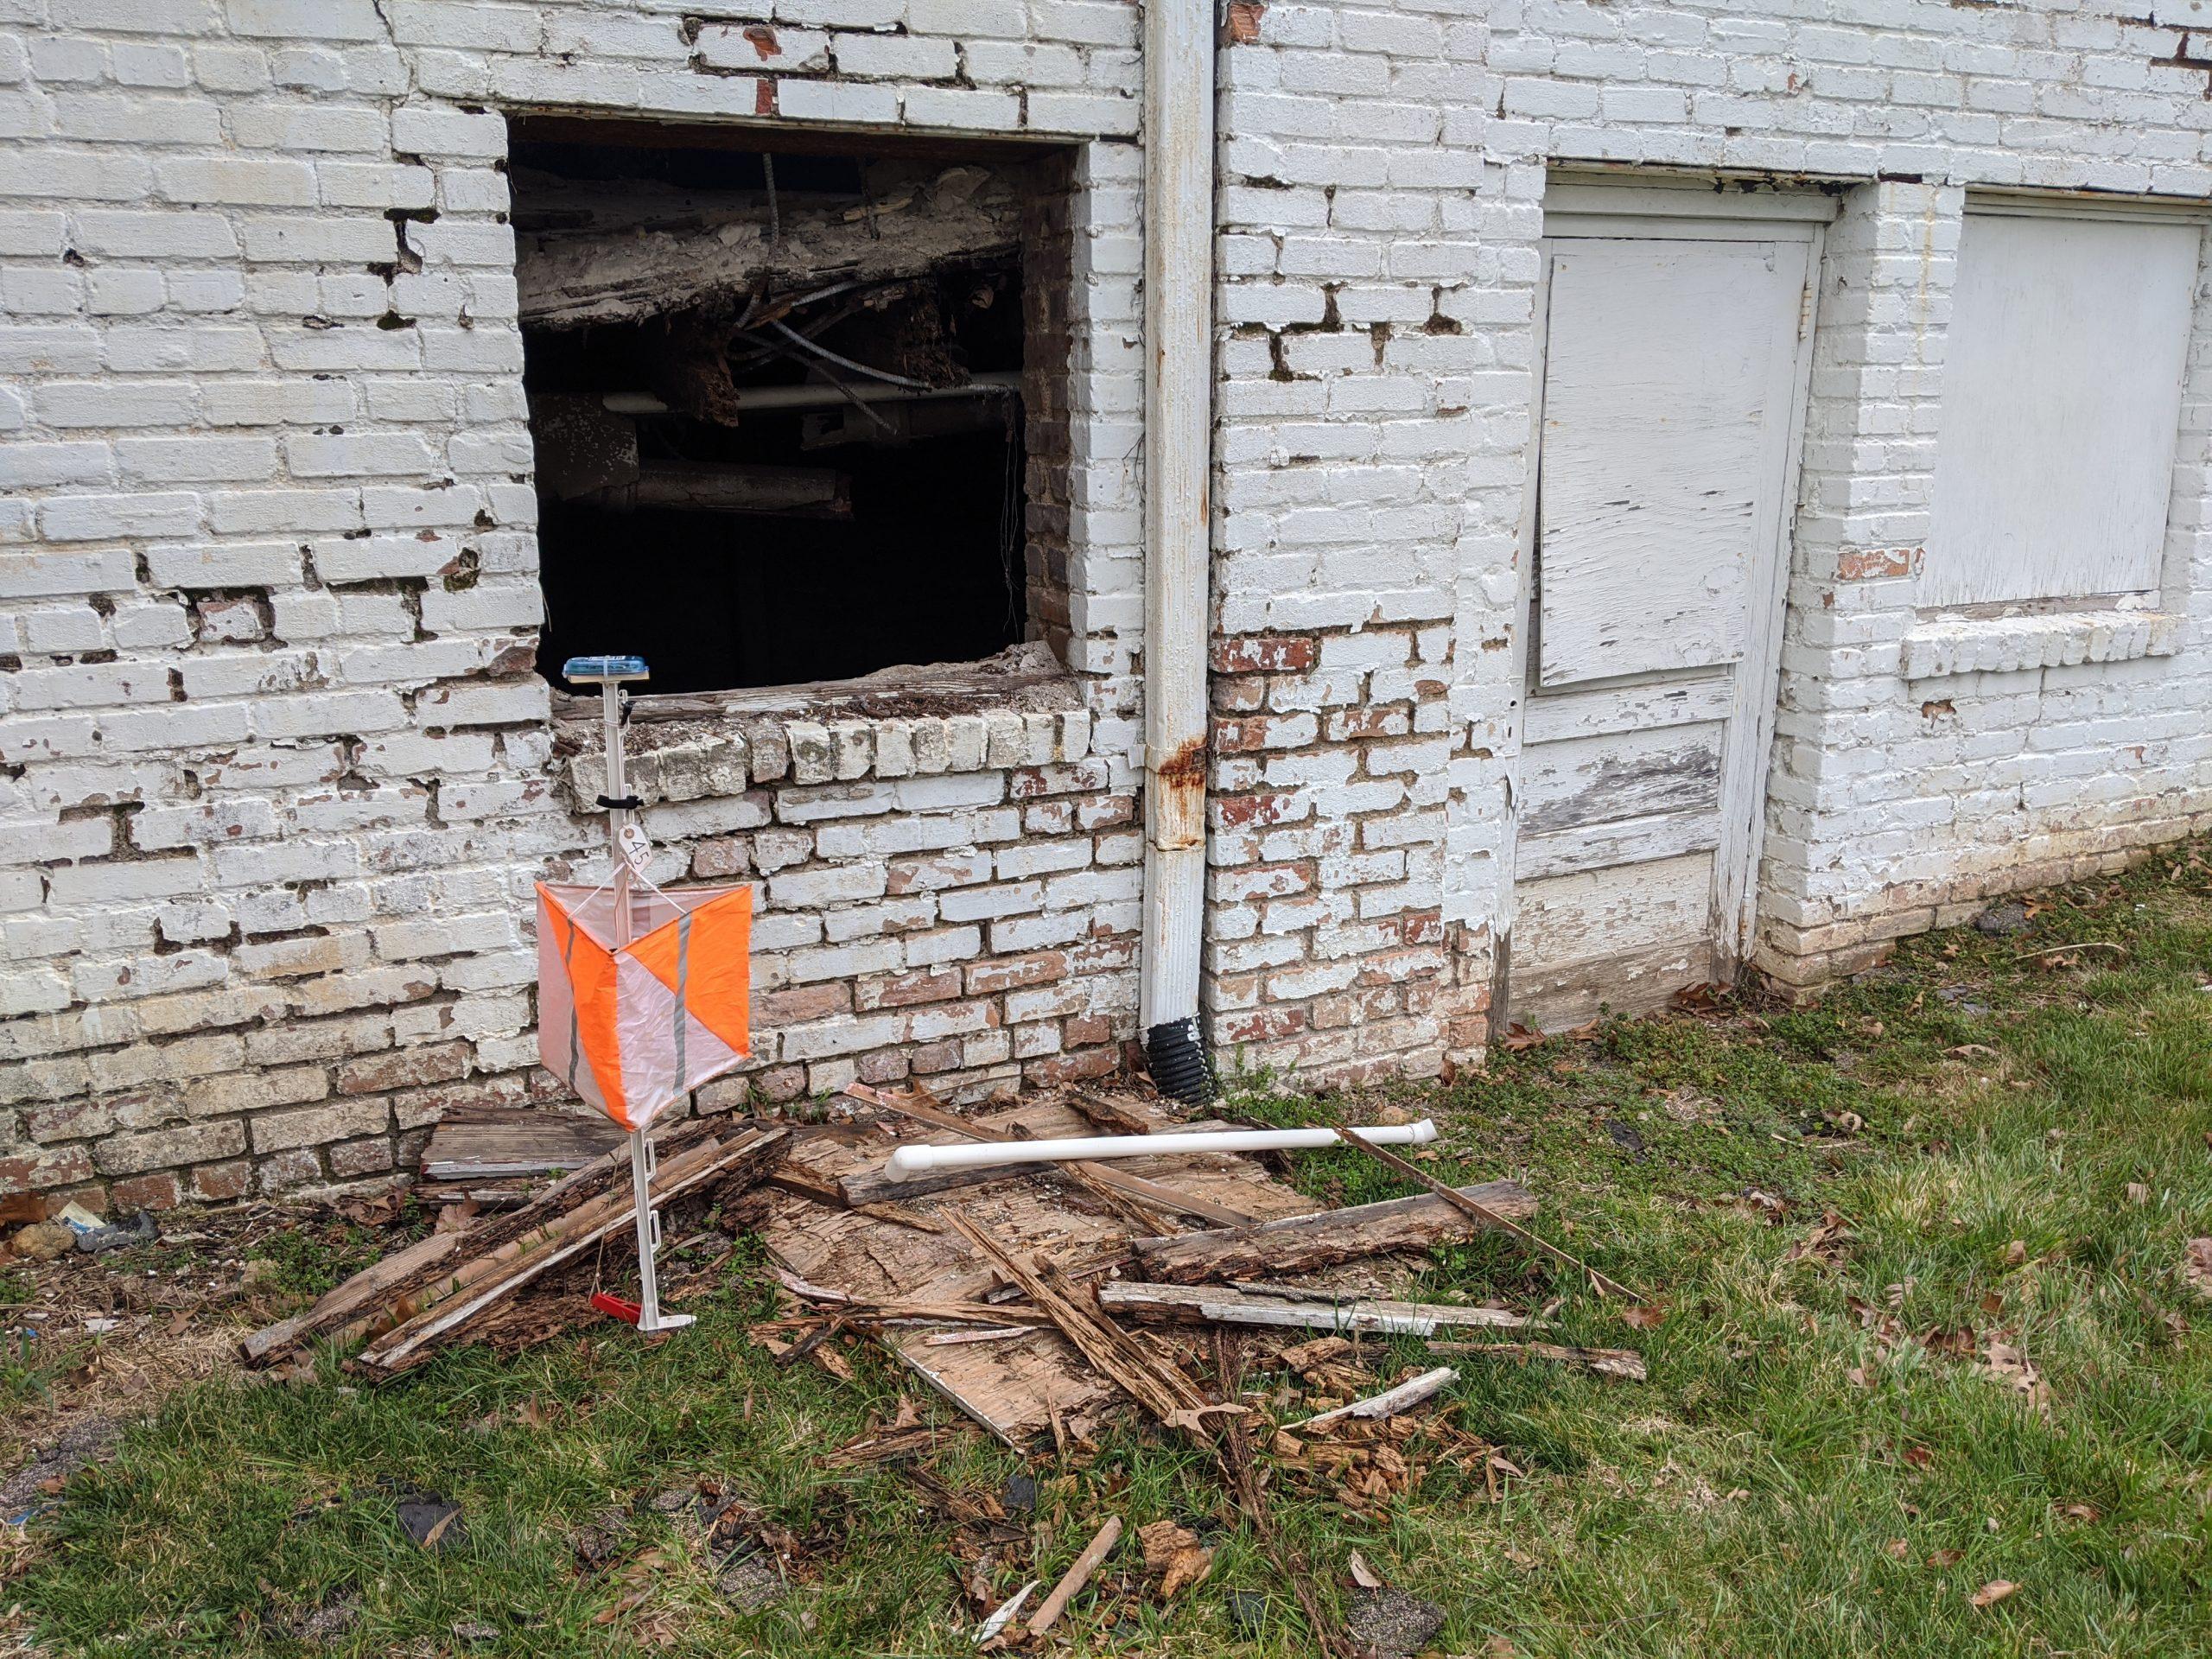 Derelict gas station